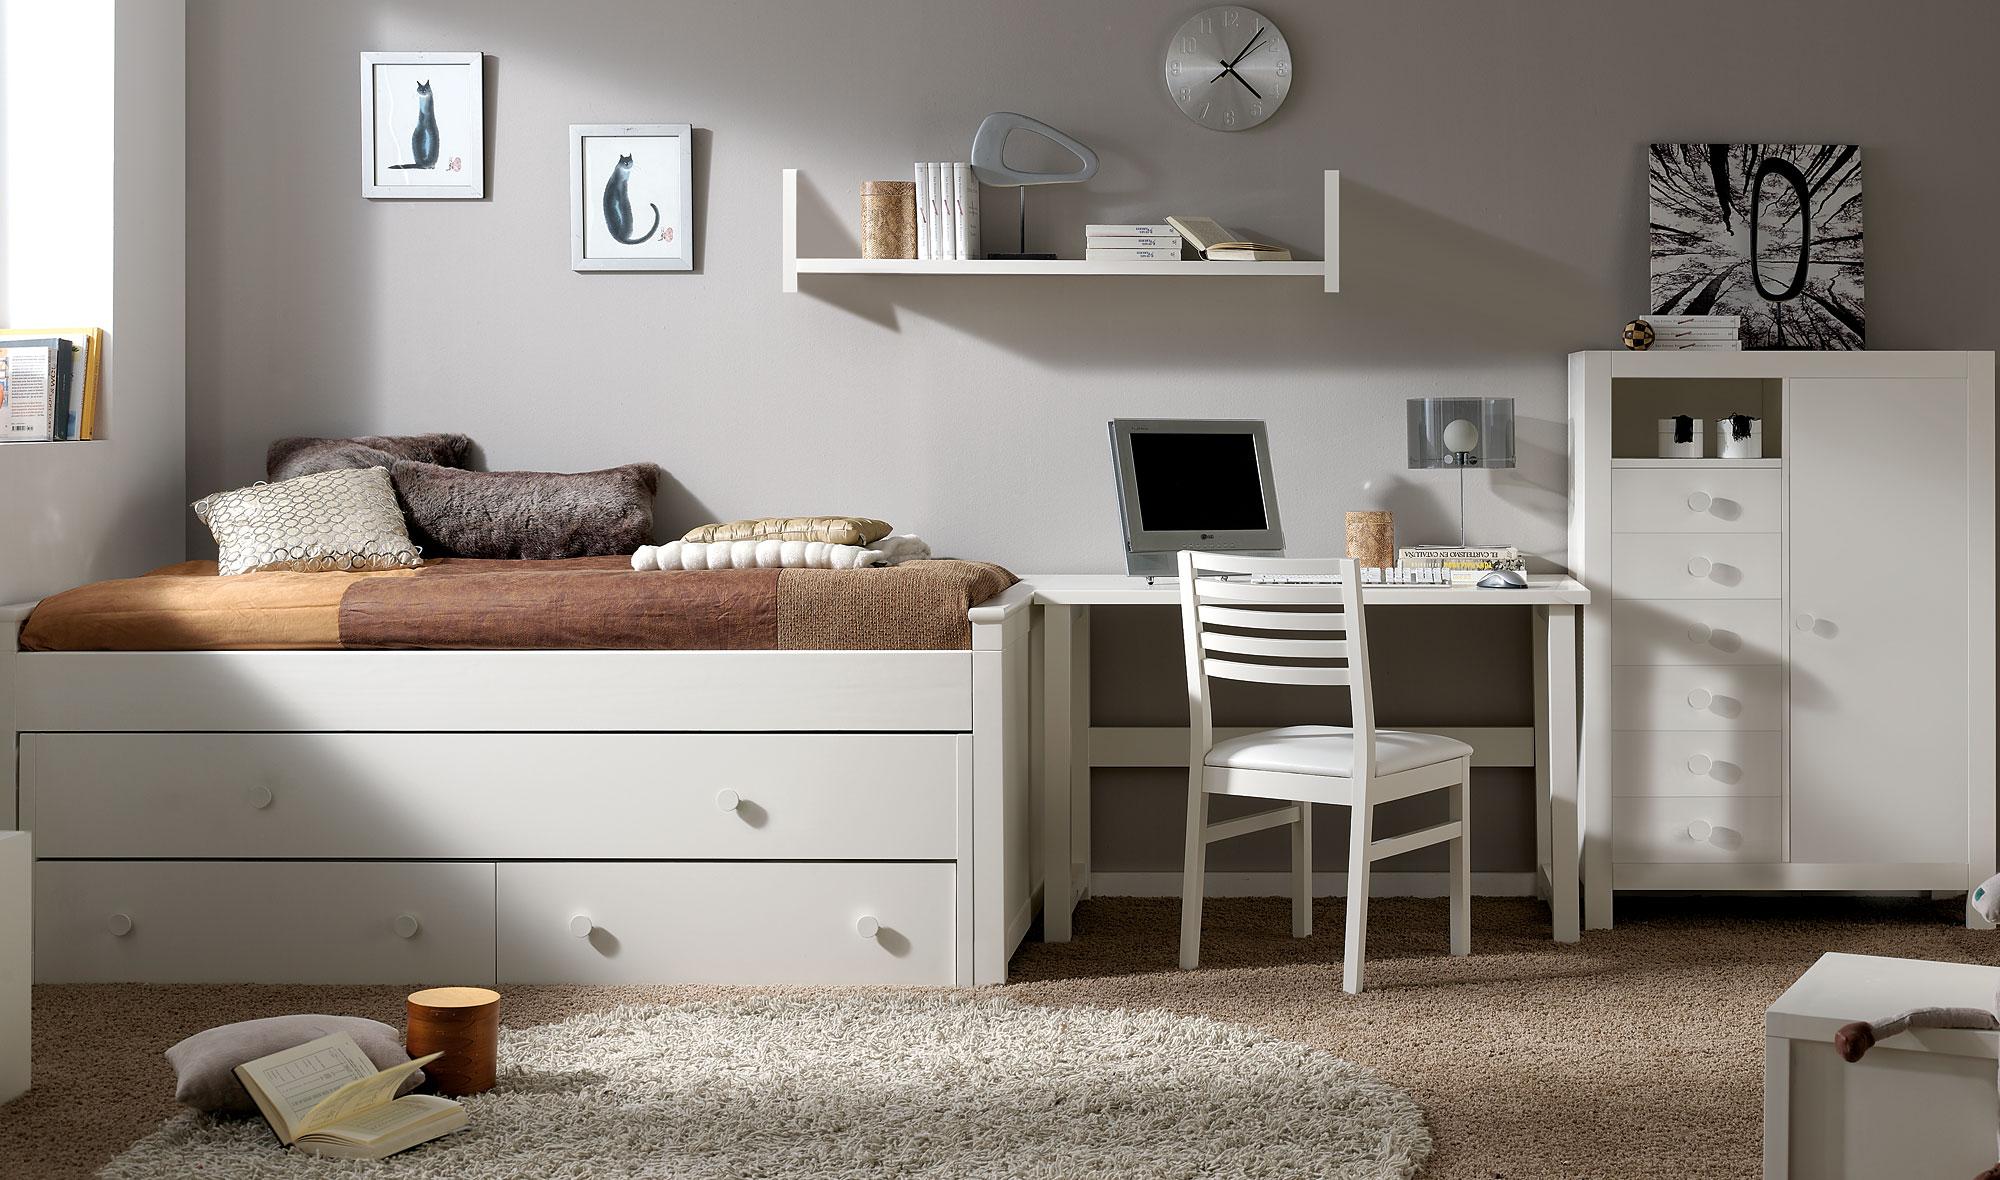 Dormitorio infantil Kika IV en Portobellodeluxe.com. Tu ...